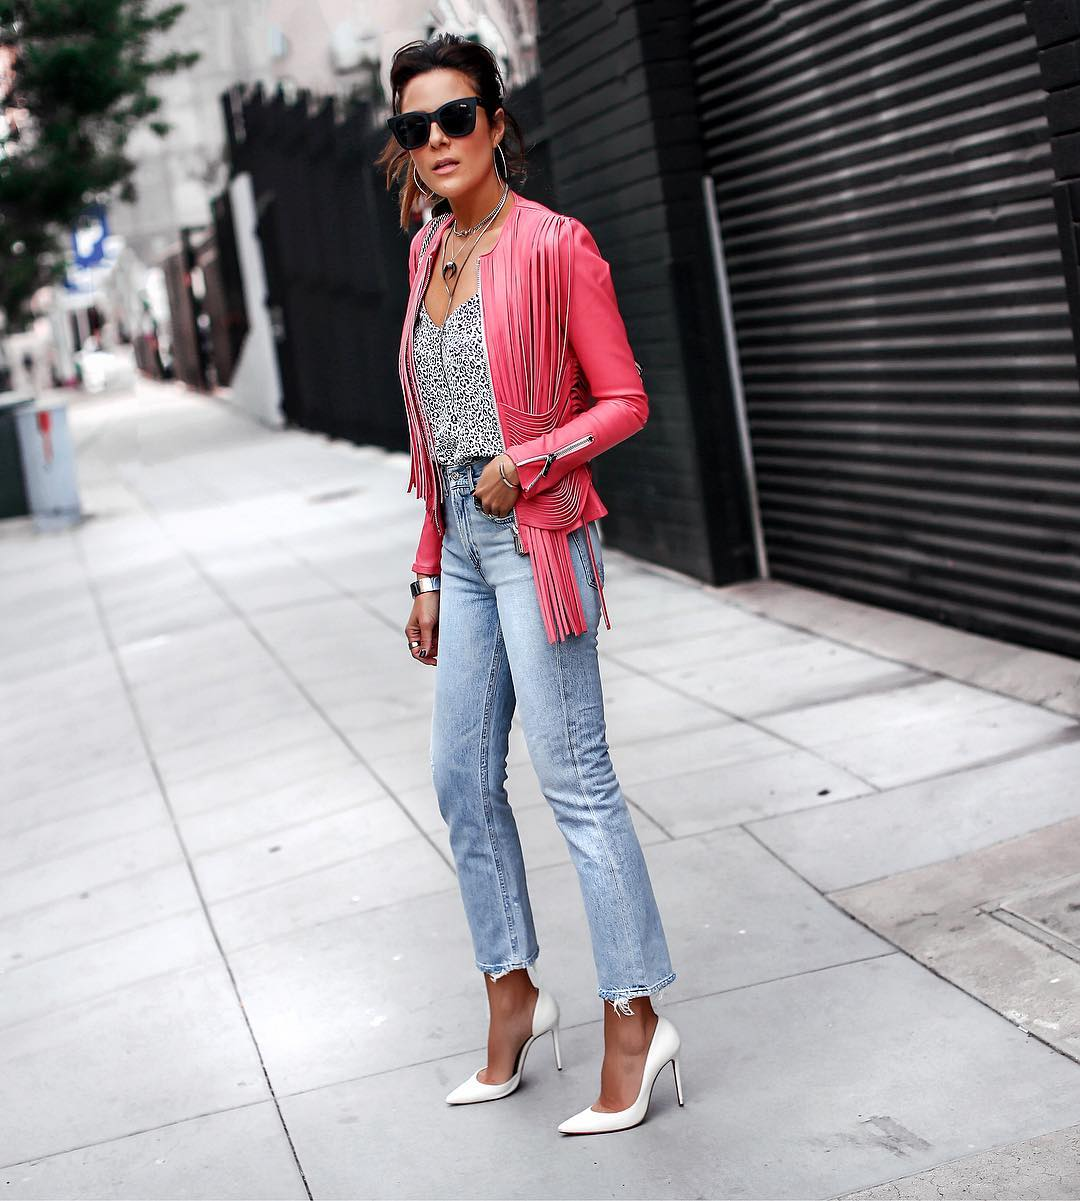 Модные осенние луки 2018—2019: безупречные варианты для стильных женщин